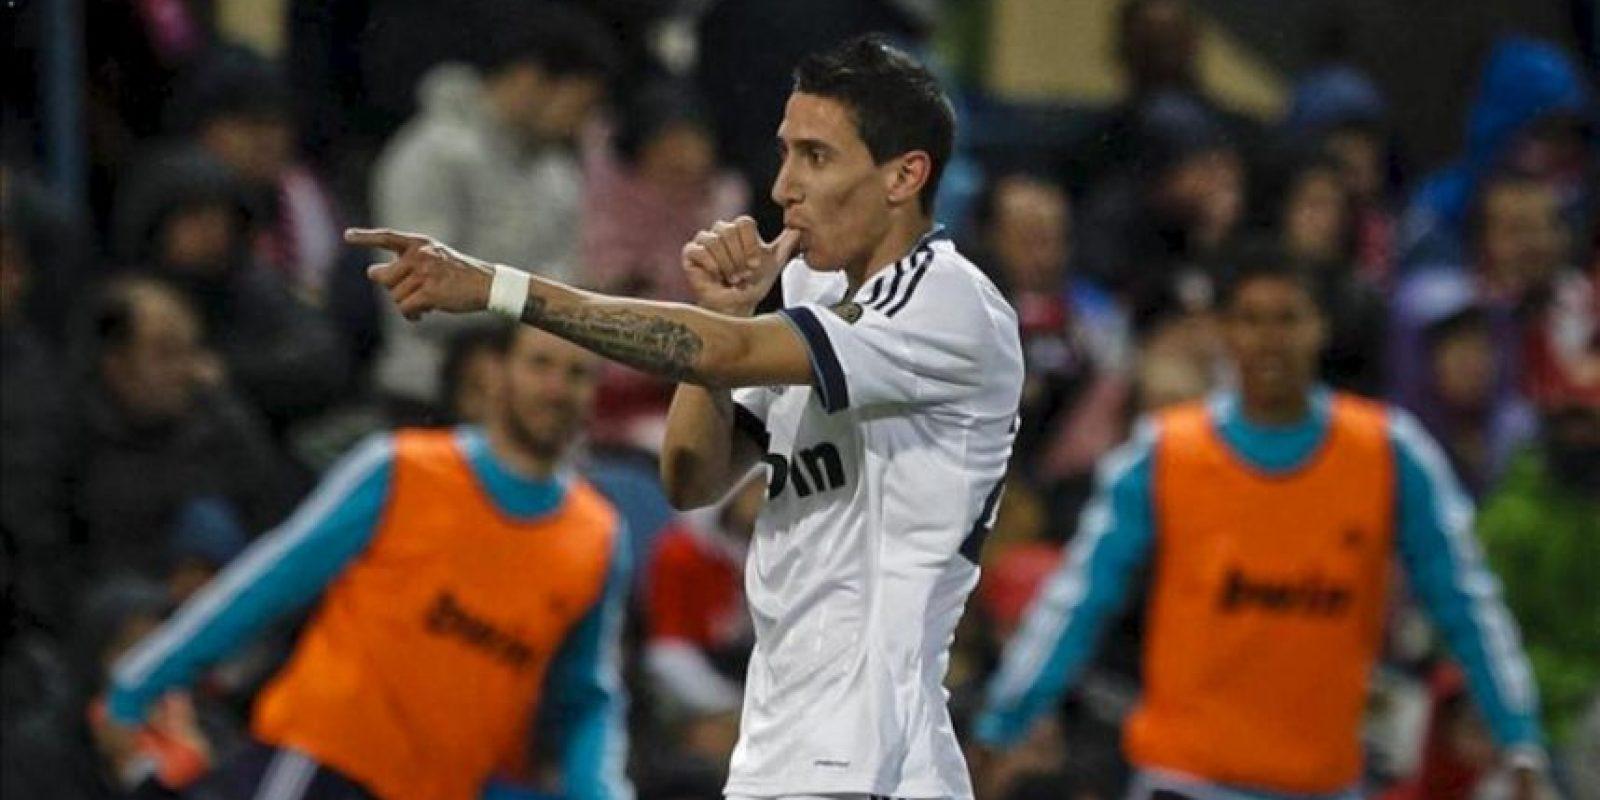 El centrocampista argentino del Real Madrid Angel di Maria celebra la consecución del segundo gol de su equipo ante el Atlético de Madrid, en el partido de la trigésima tercera jornada de liga en Primera División que se disputó en el estadio Vicente Calderón. EFE